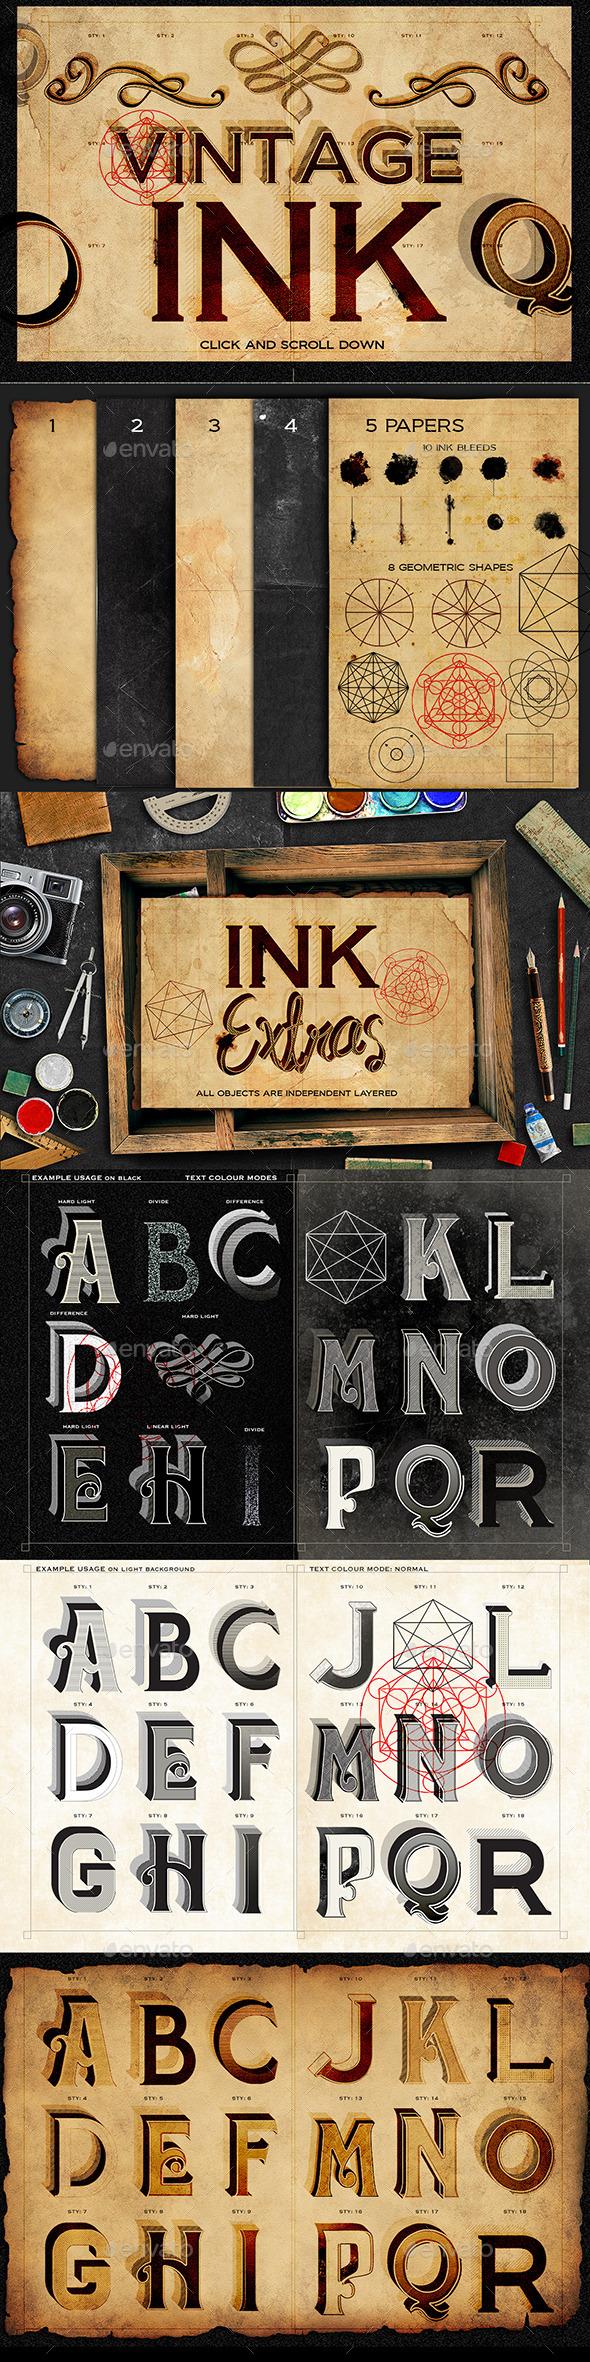 Vintage Ink Styles - Text 3D Renders